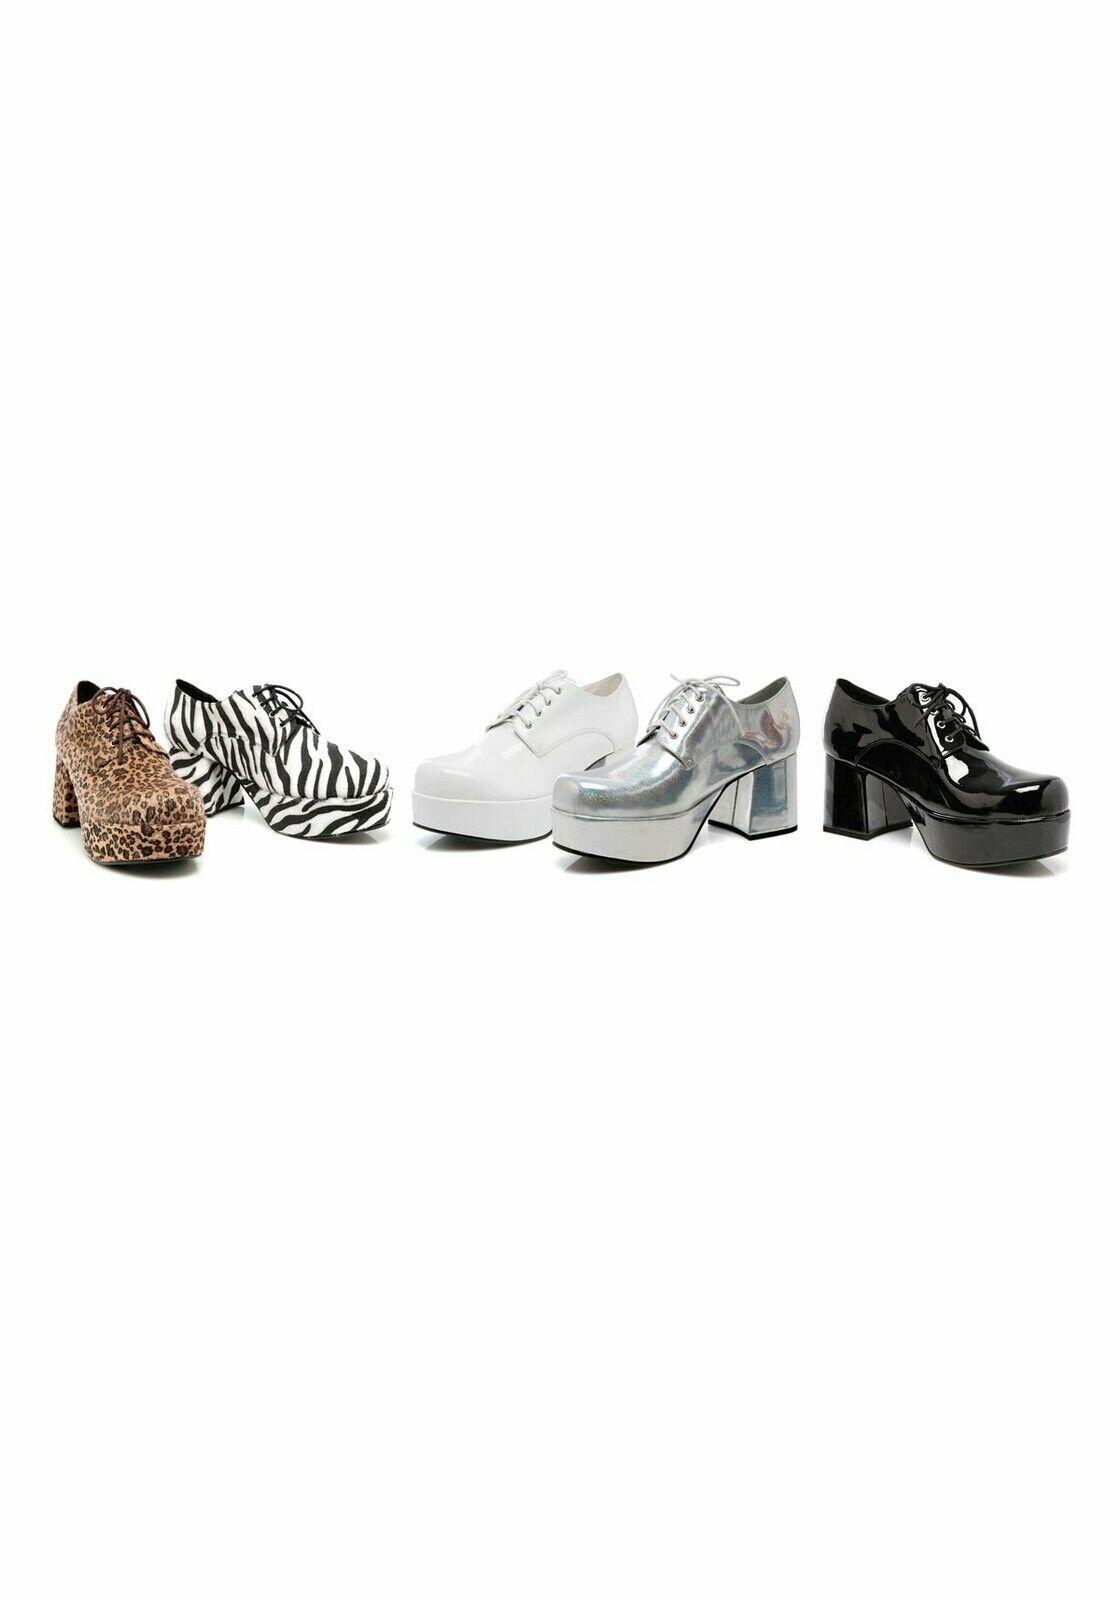 Ellie shoes 312-PIMP Men's 3 Inch Heel Platform shoes